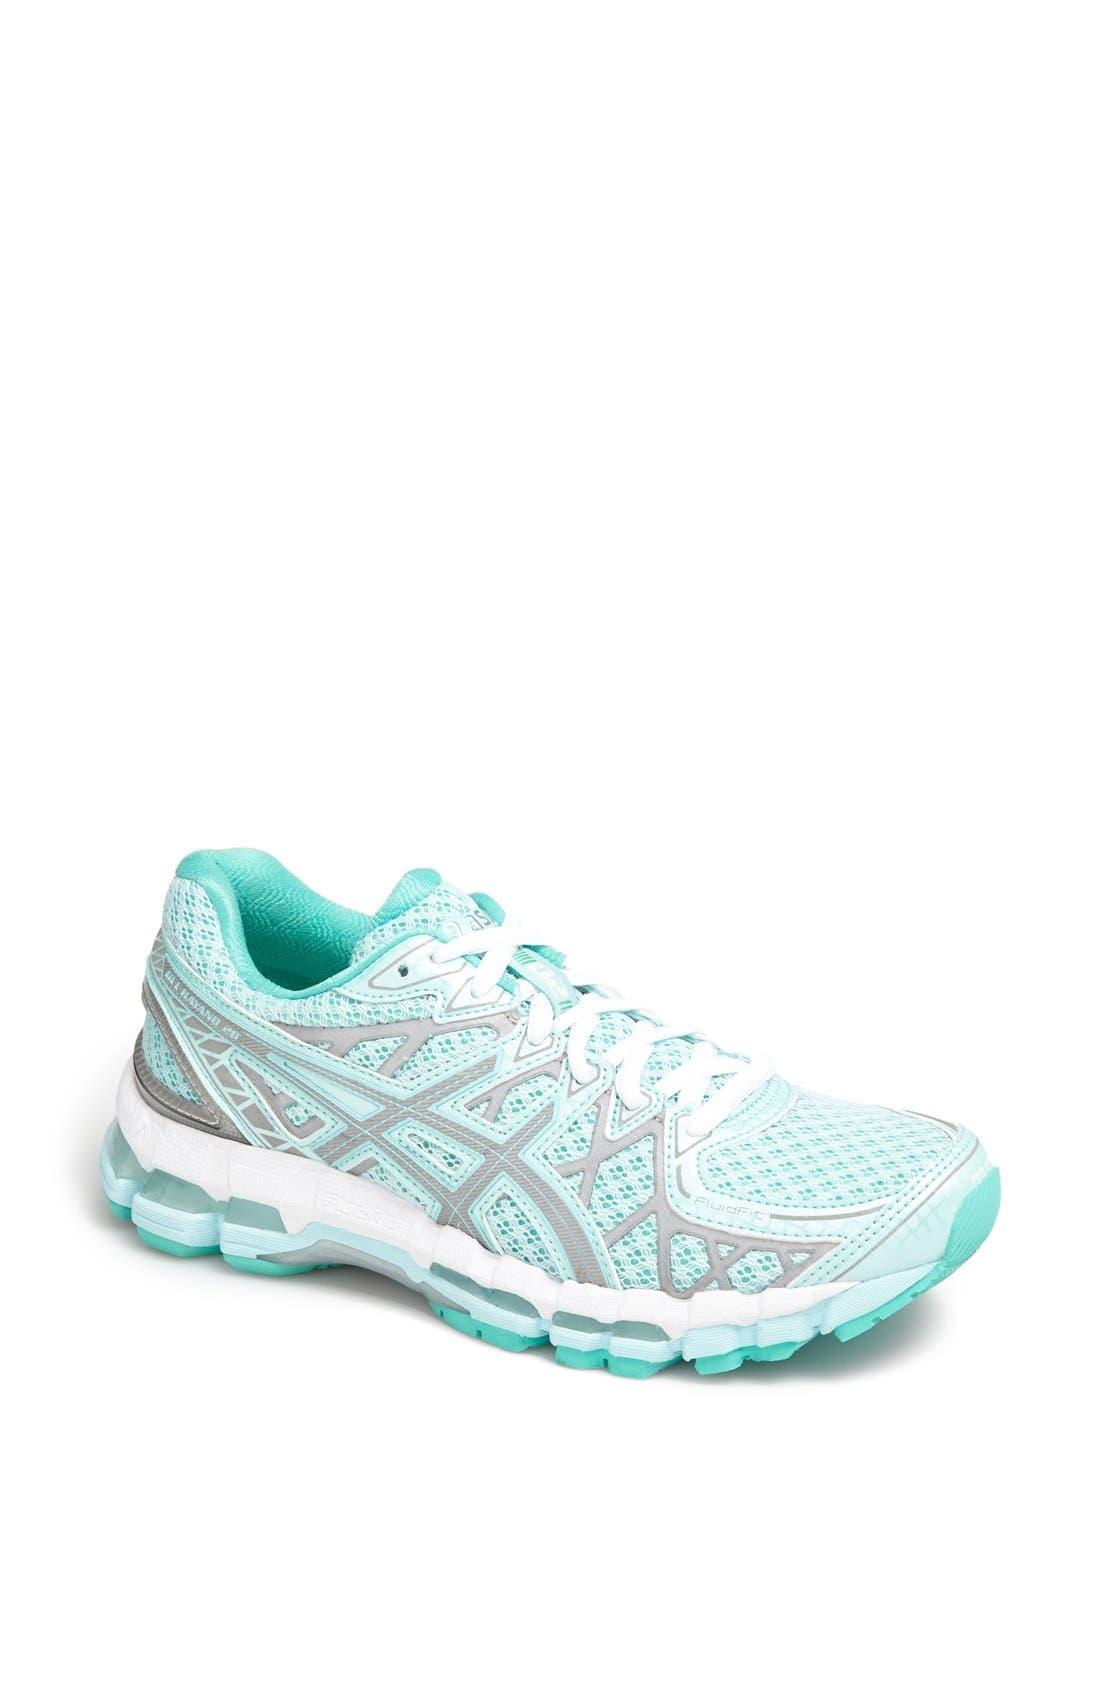 Main Image - ASICS® 'GEL-Kayano® 20 Lite' Running Shoe (Women) (Regular Retail Price: $169.95)